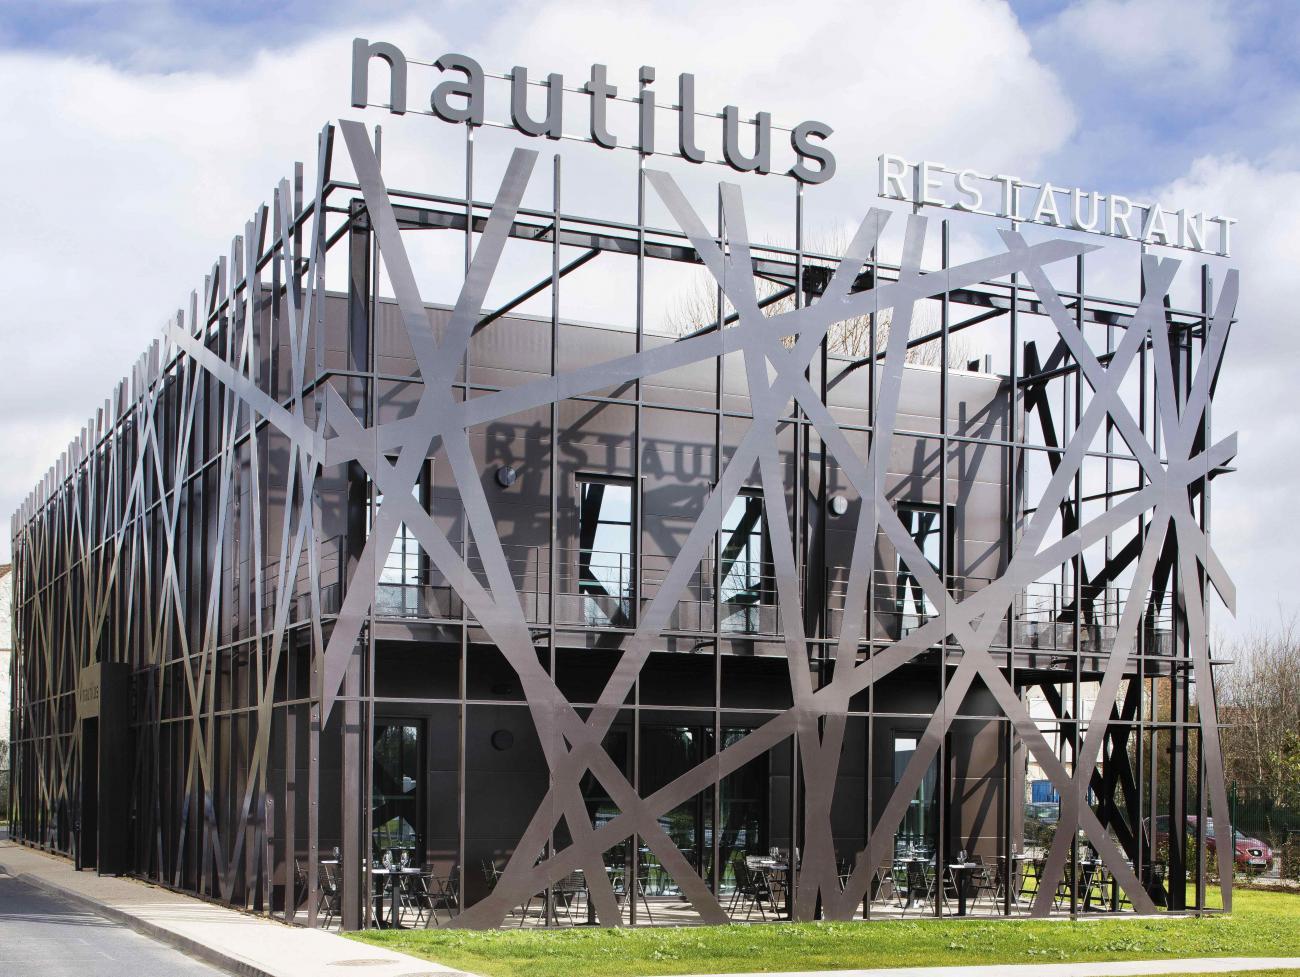 Nautilus Restaurant Roissy